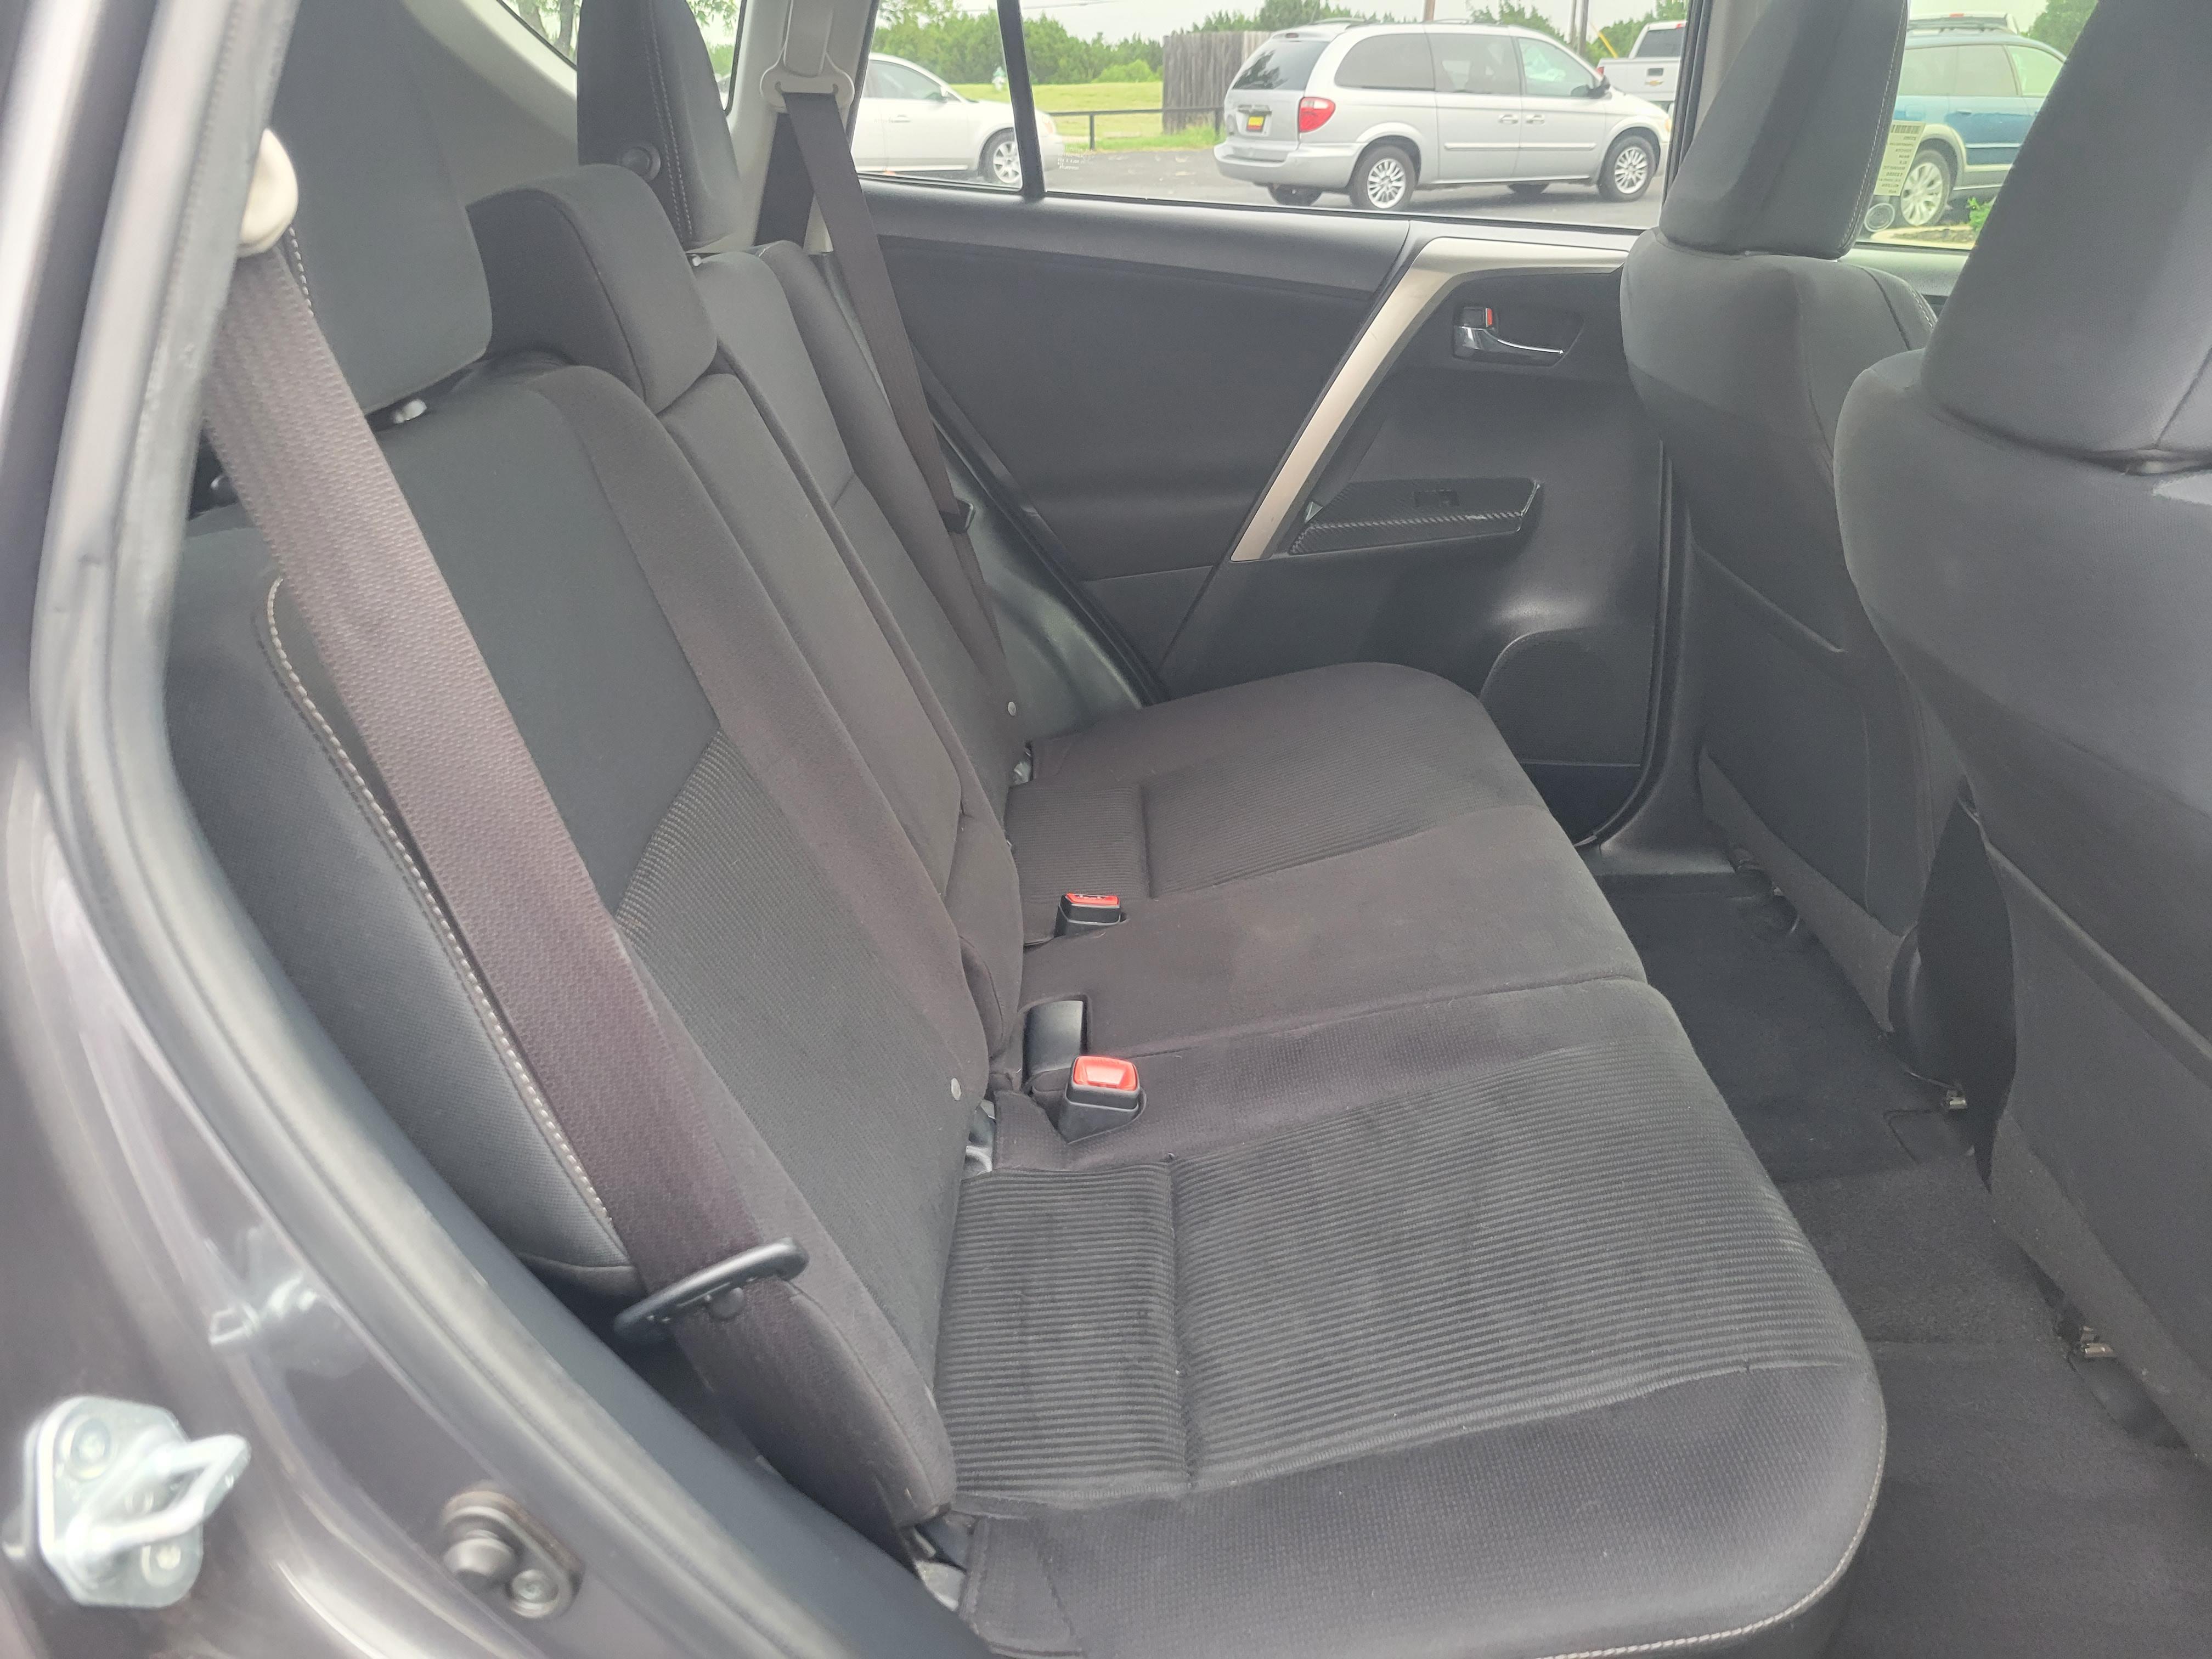 used vehicle - SUV TOYOTA RAV4 2015